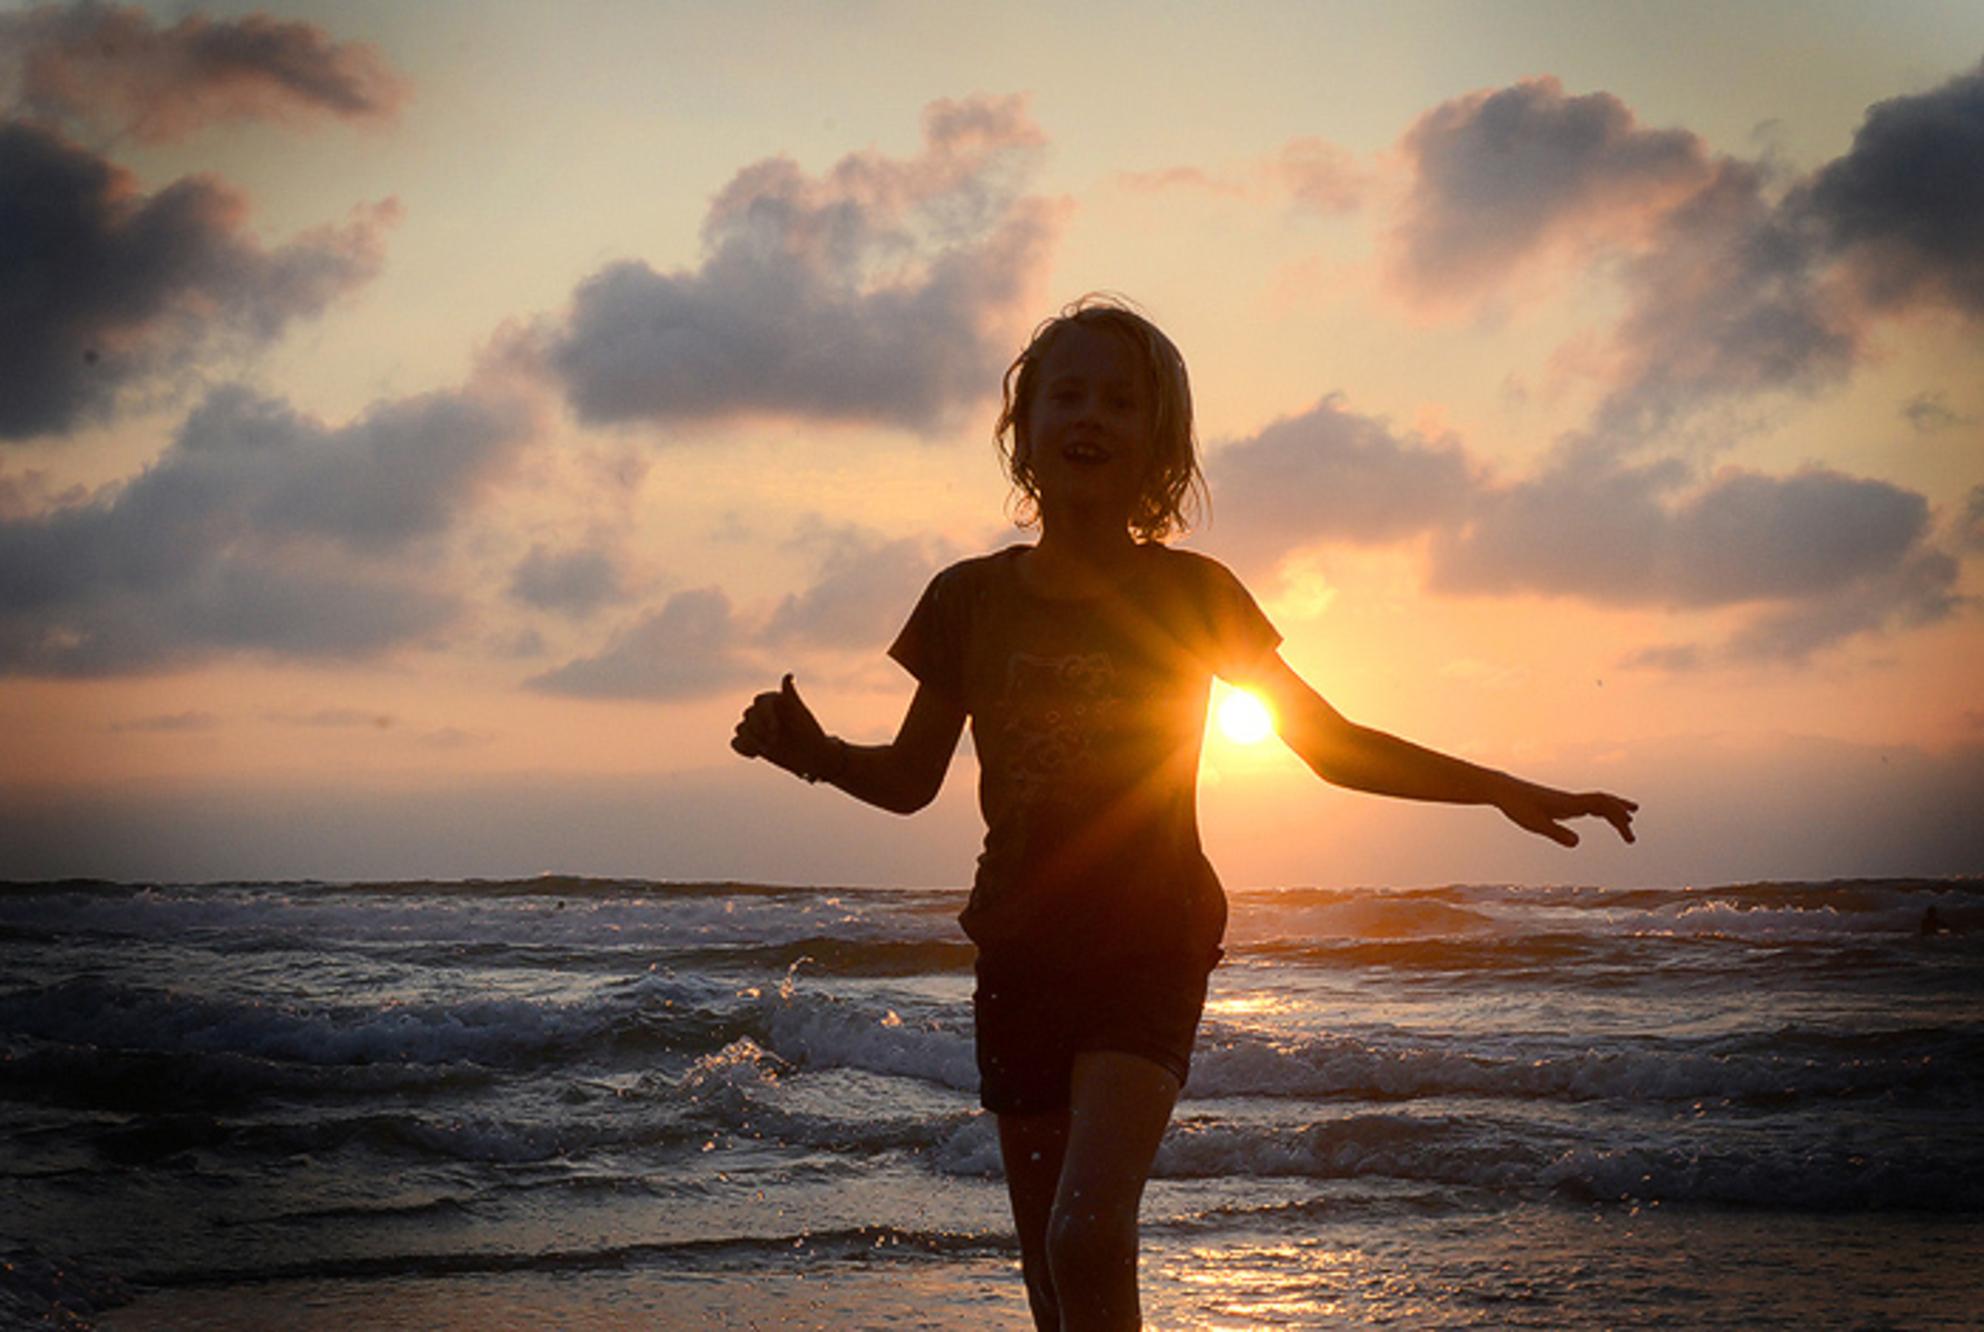 Sunset - My girl happy and enjoying the Biarritz sunset. - foto door artsyellen op 21-09-2011 - deze foto bevat: strand, zee, water, sunset, zonsondergang, vakantie, frankrijk, zand - Deze foto mag gebruikt worden in een Zoom.nl publicatie